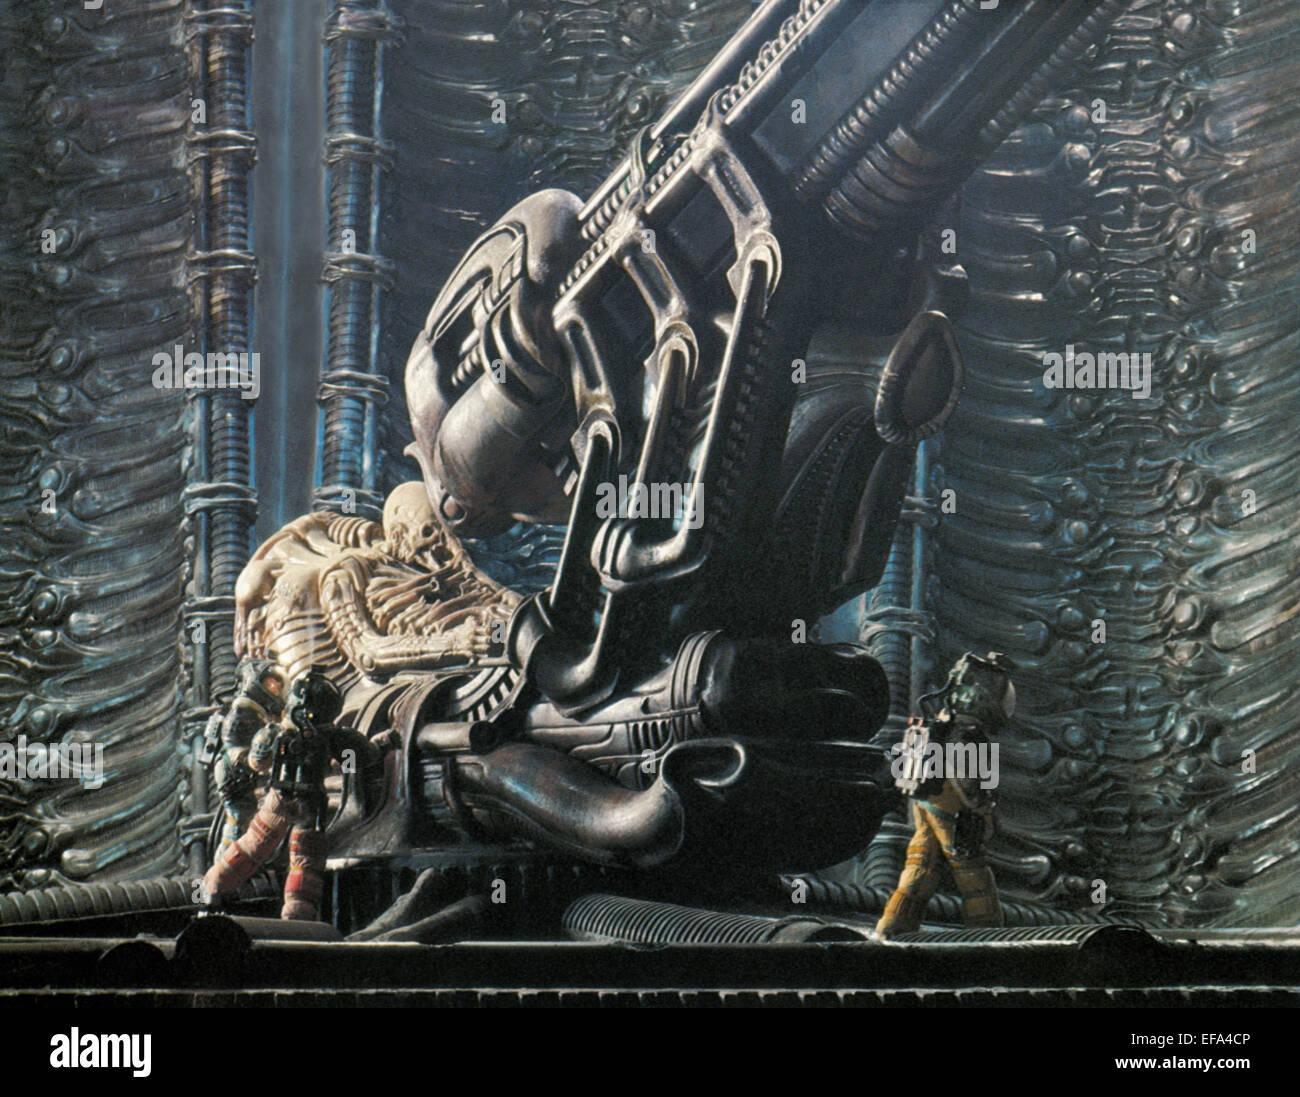 Download Film Alien 1979